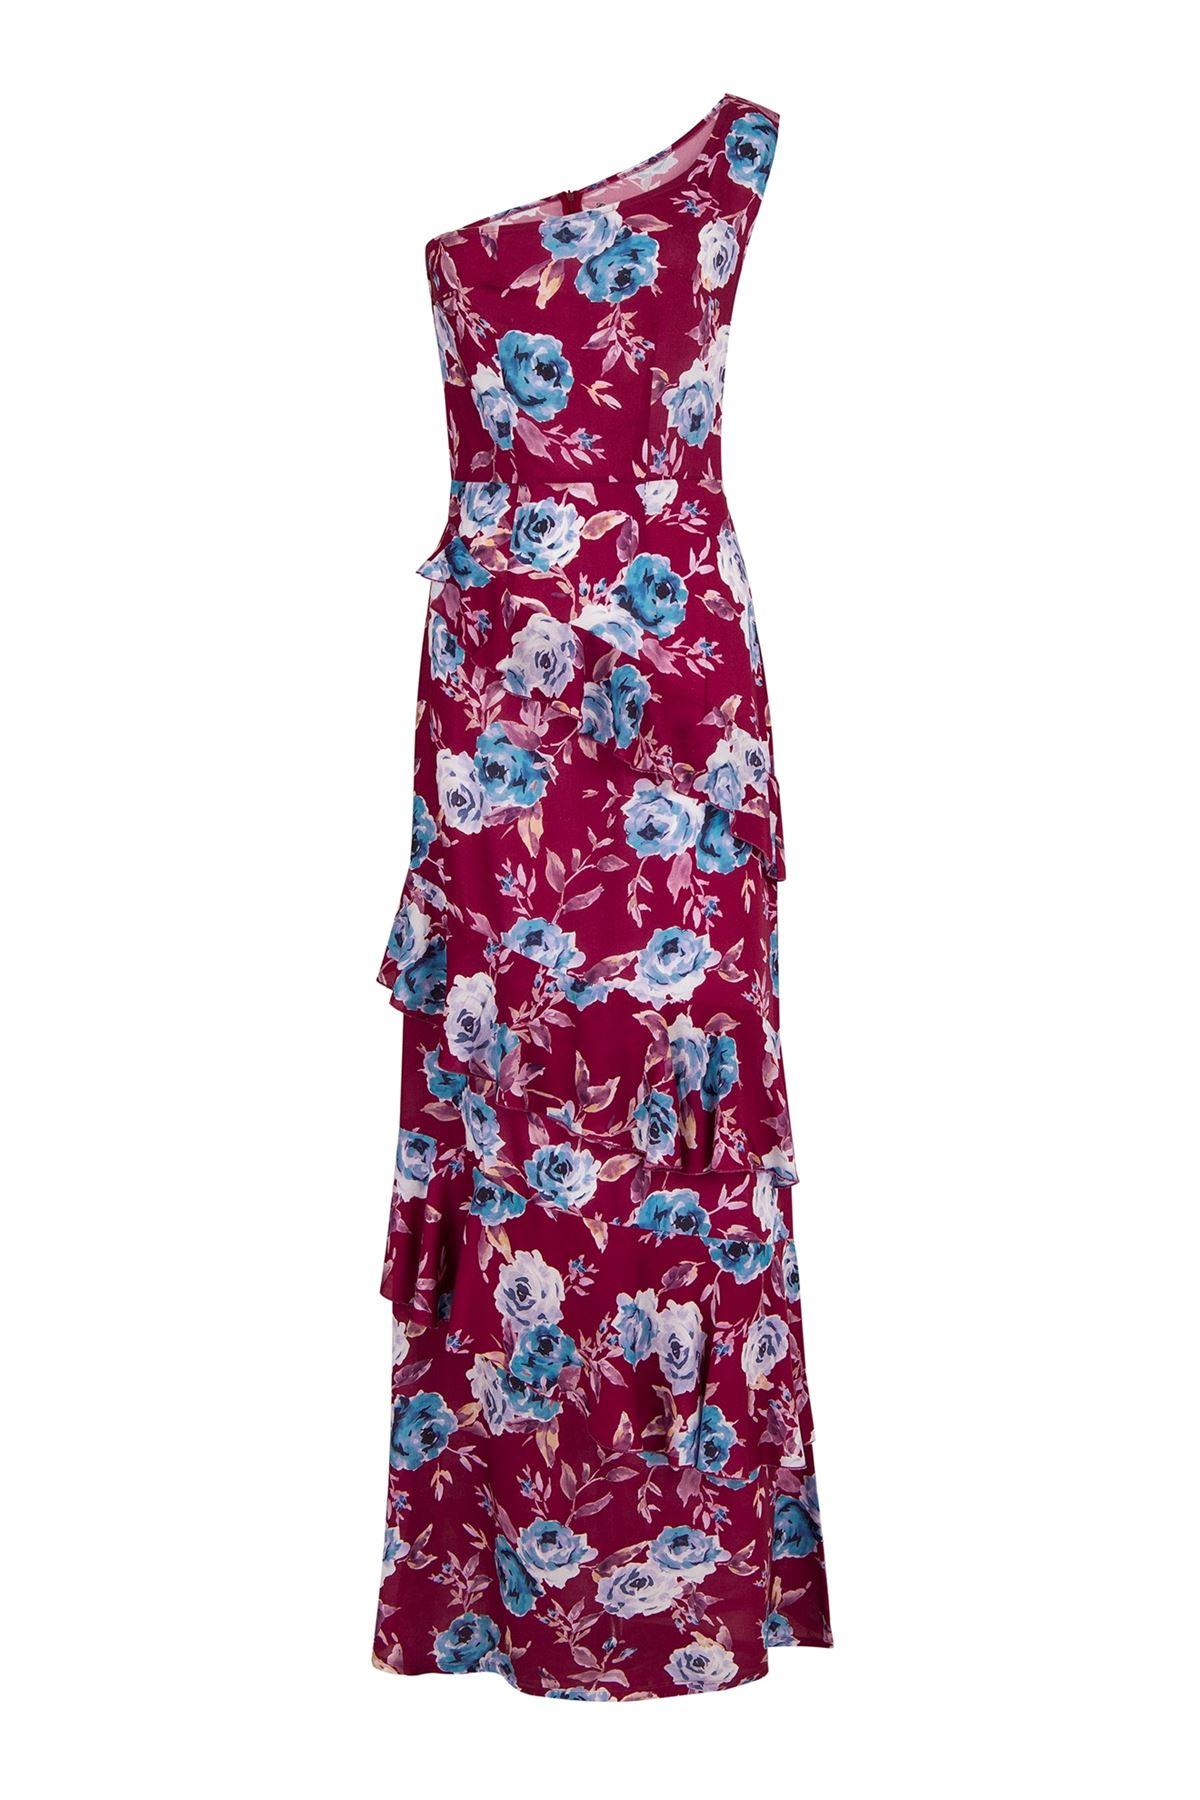 Watercolor One Shoulder Frilled Dress